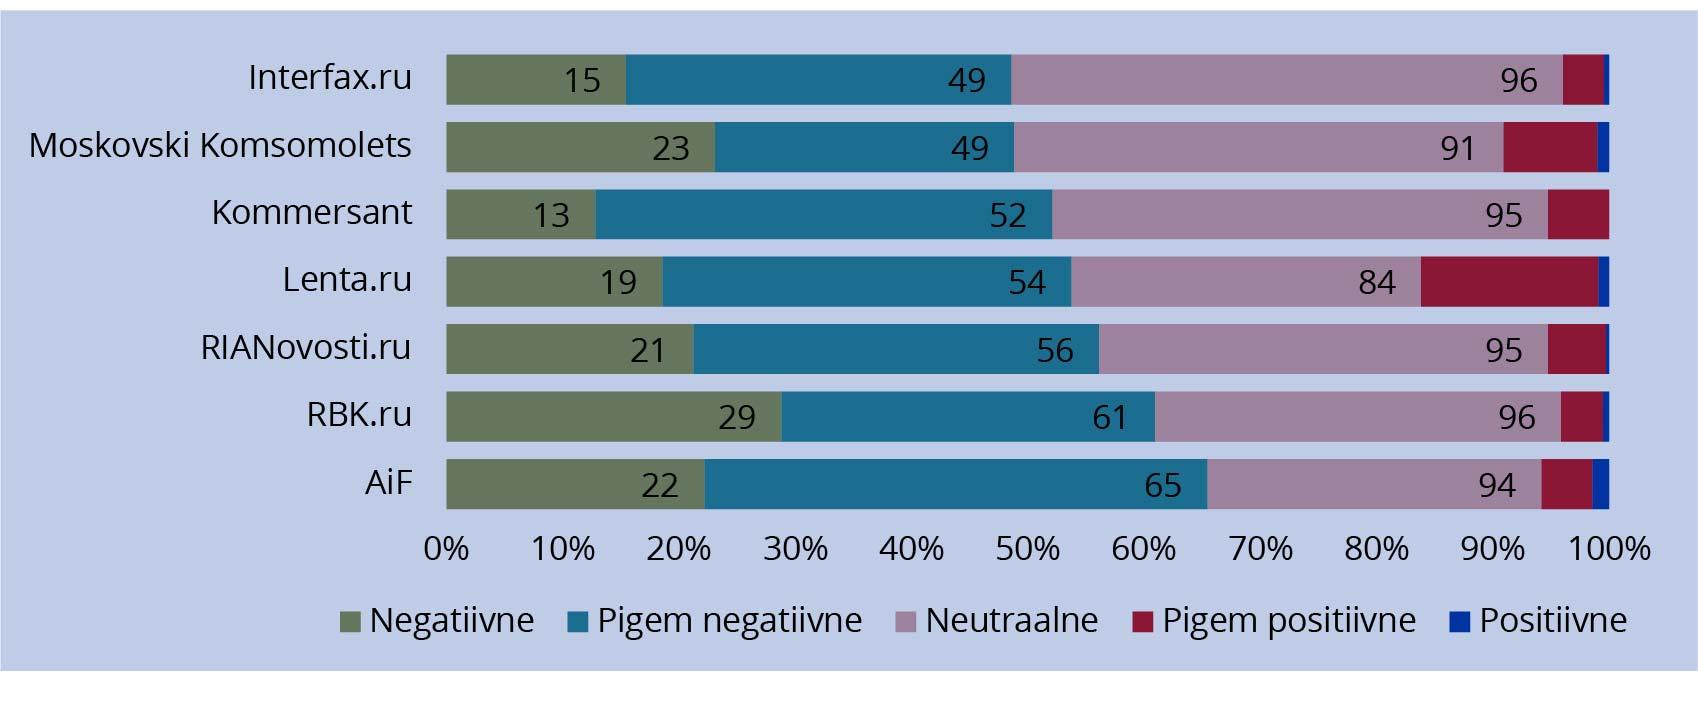 JOONIS 2. Uudisteportaalide Eestit kajastavate artiklite tonaalsus 2015. aastal osakaalu järgi. Allikas: autori koostatud